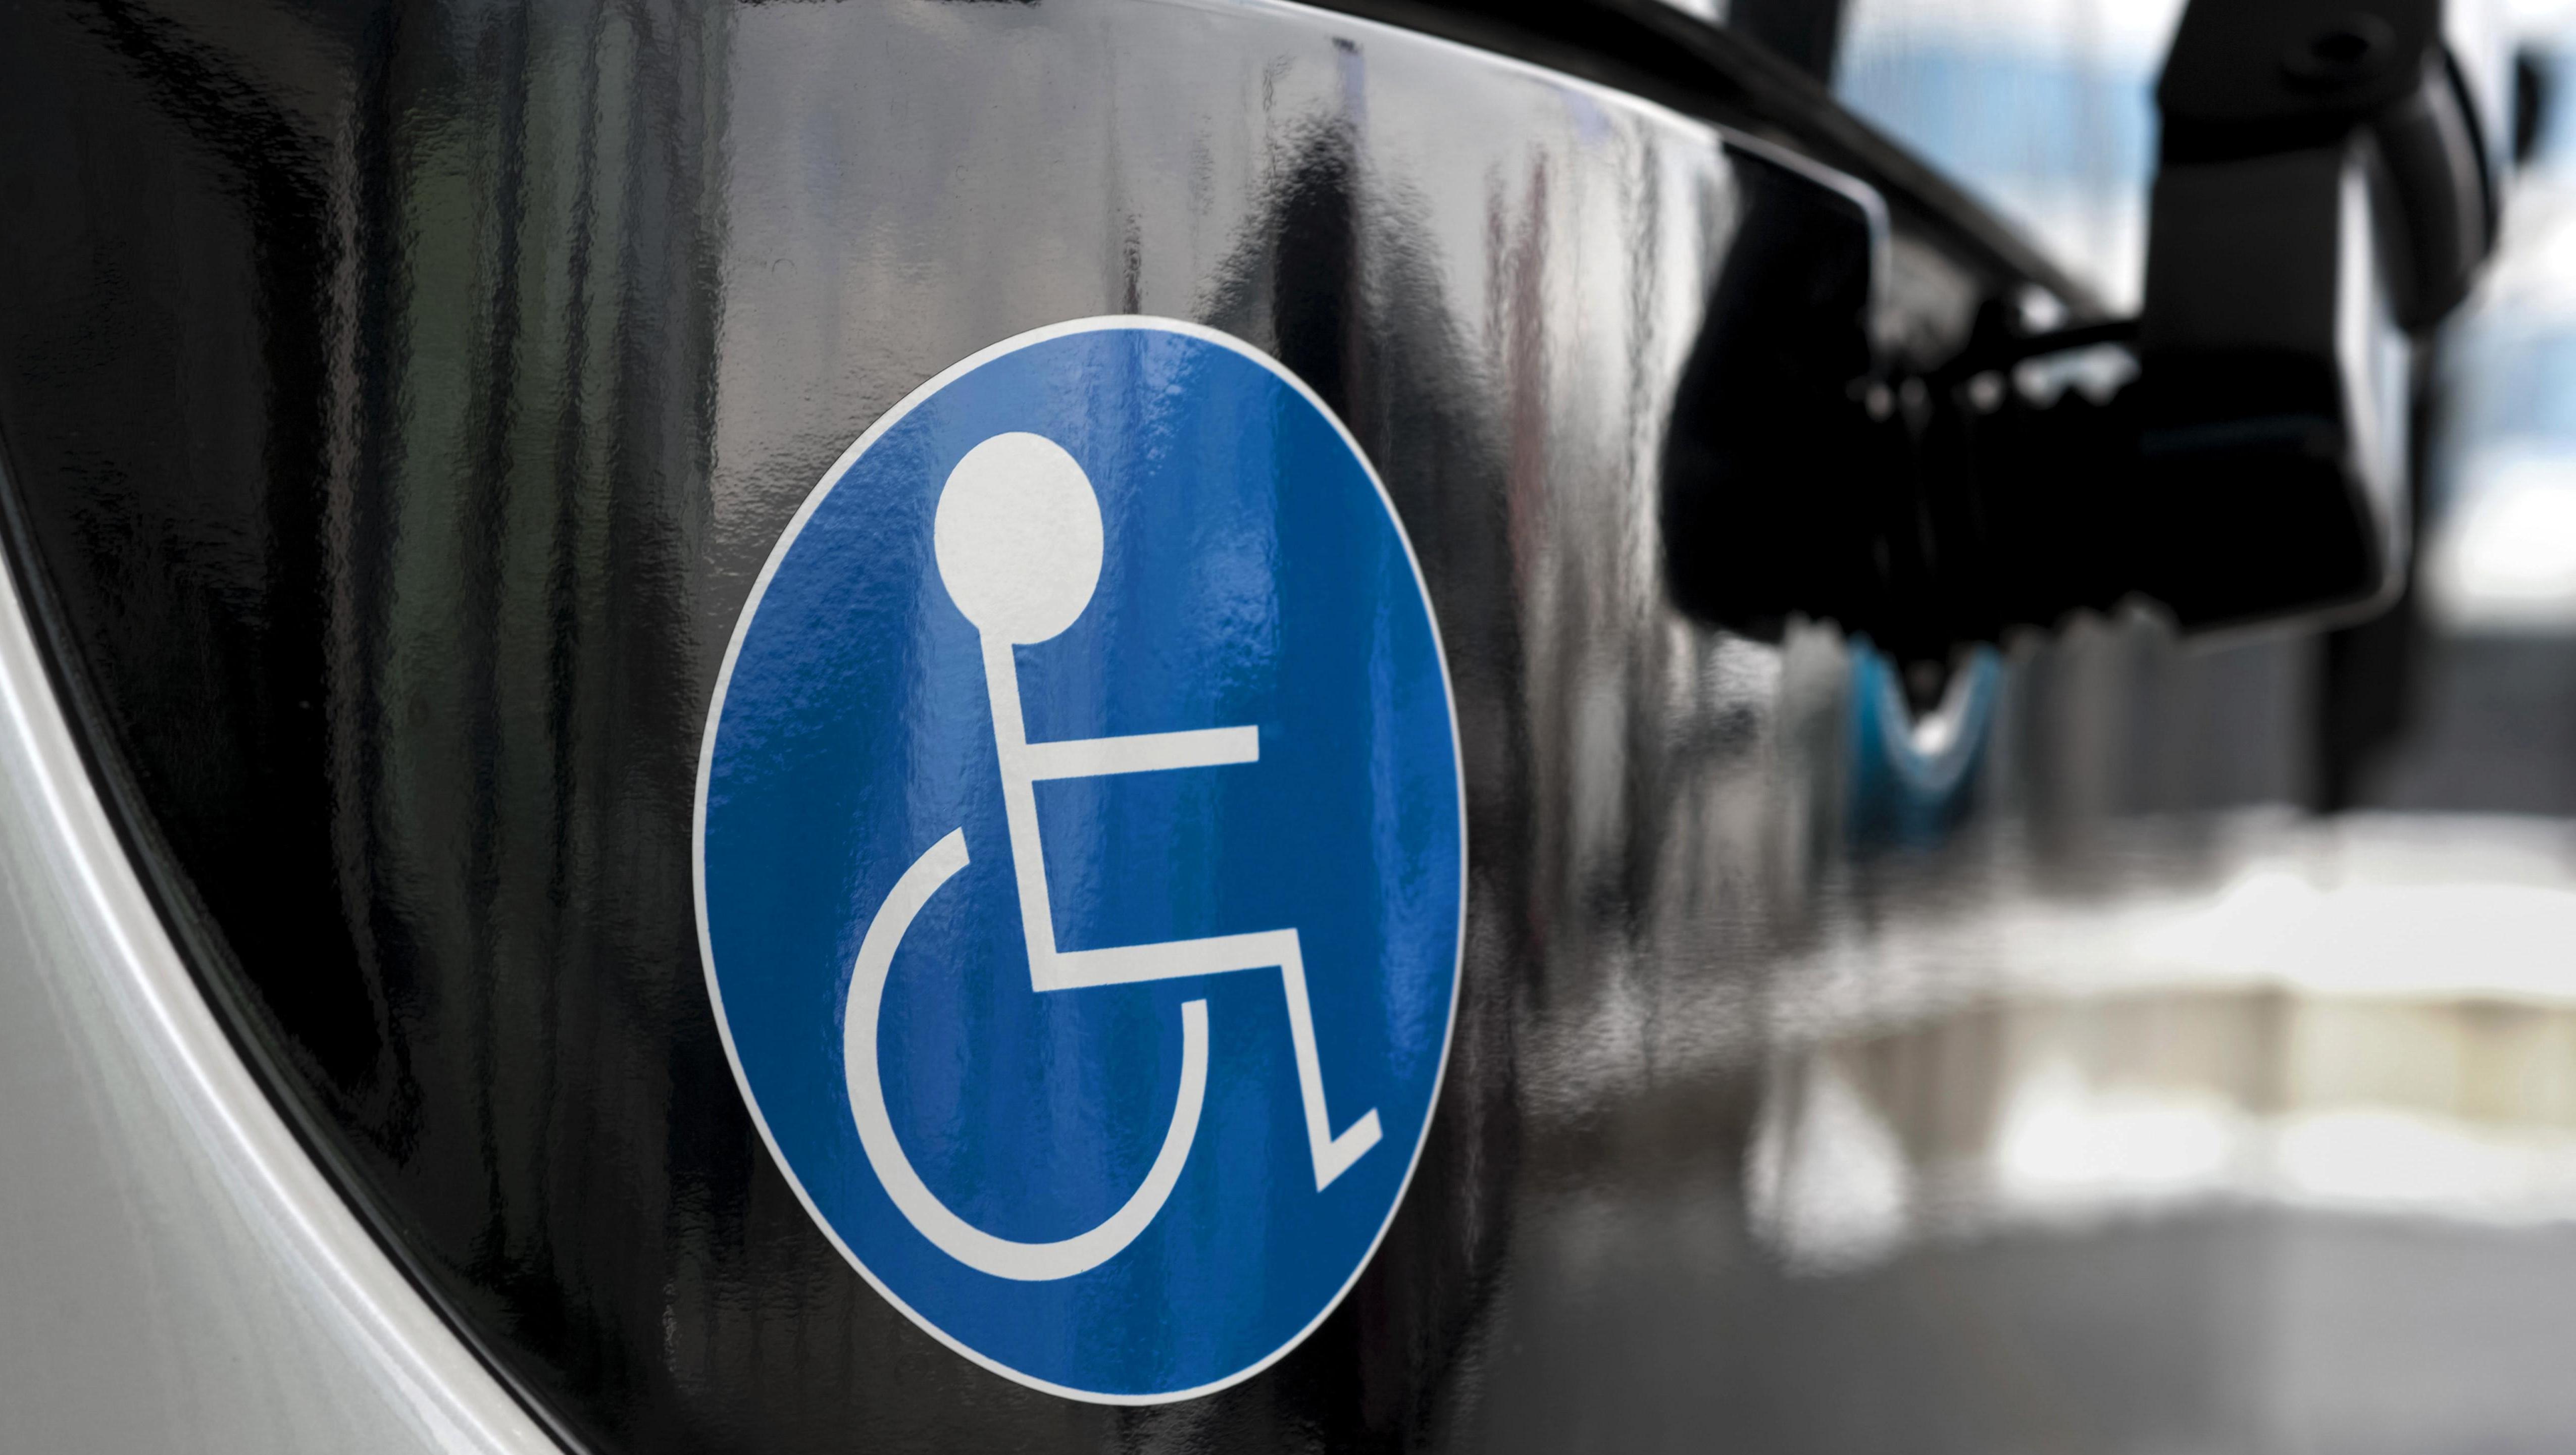 Behinderte, Symbolbild